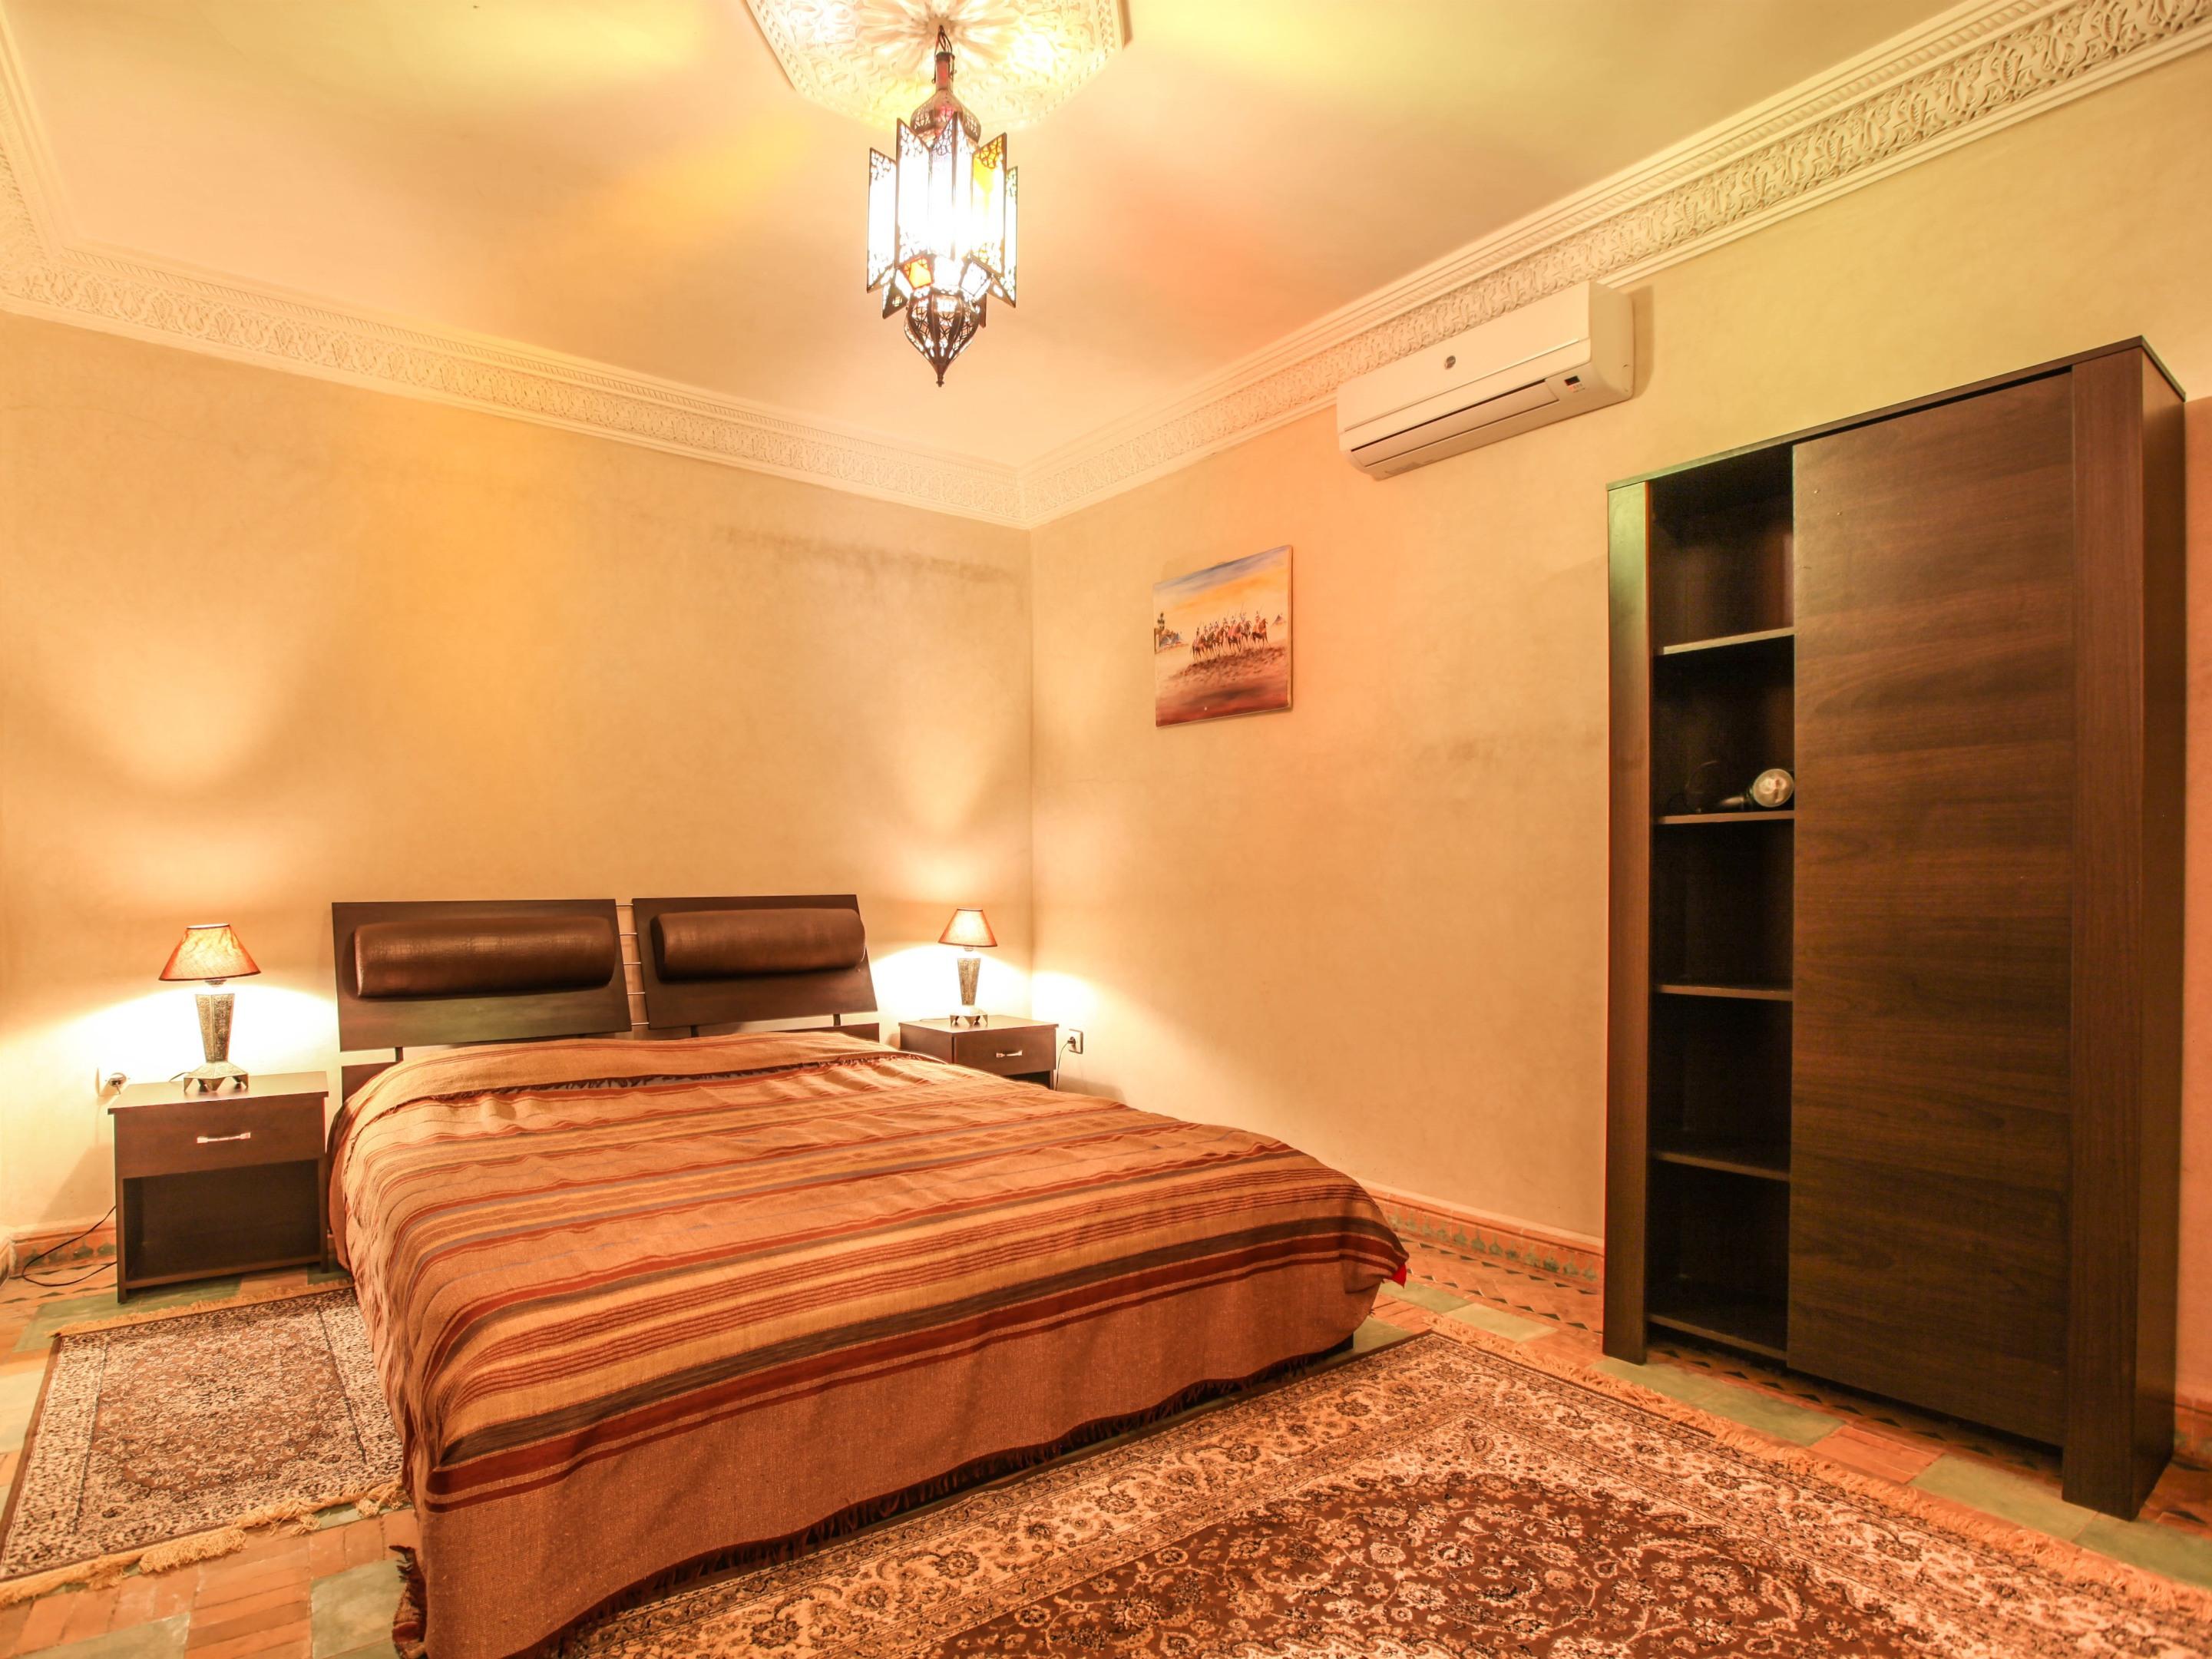 Chambre terrasse 1-Double-Classique-Salle de bain-Vue sur la piste - Tarif de base